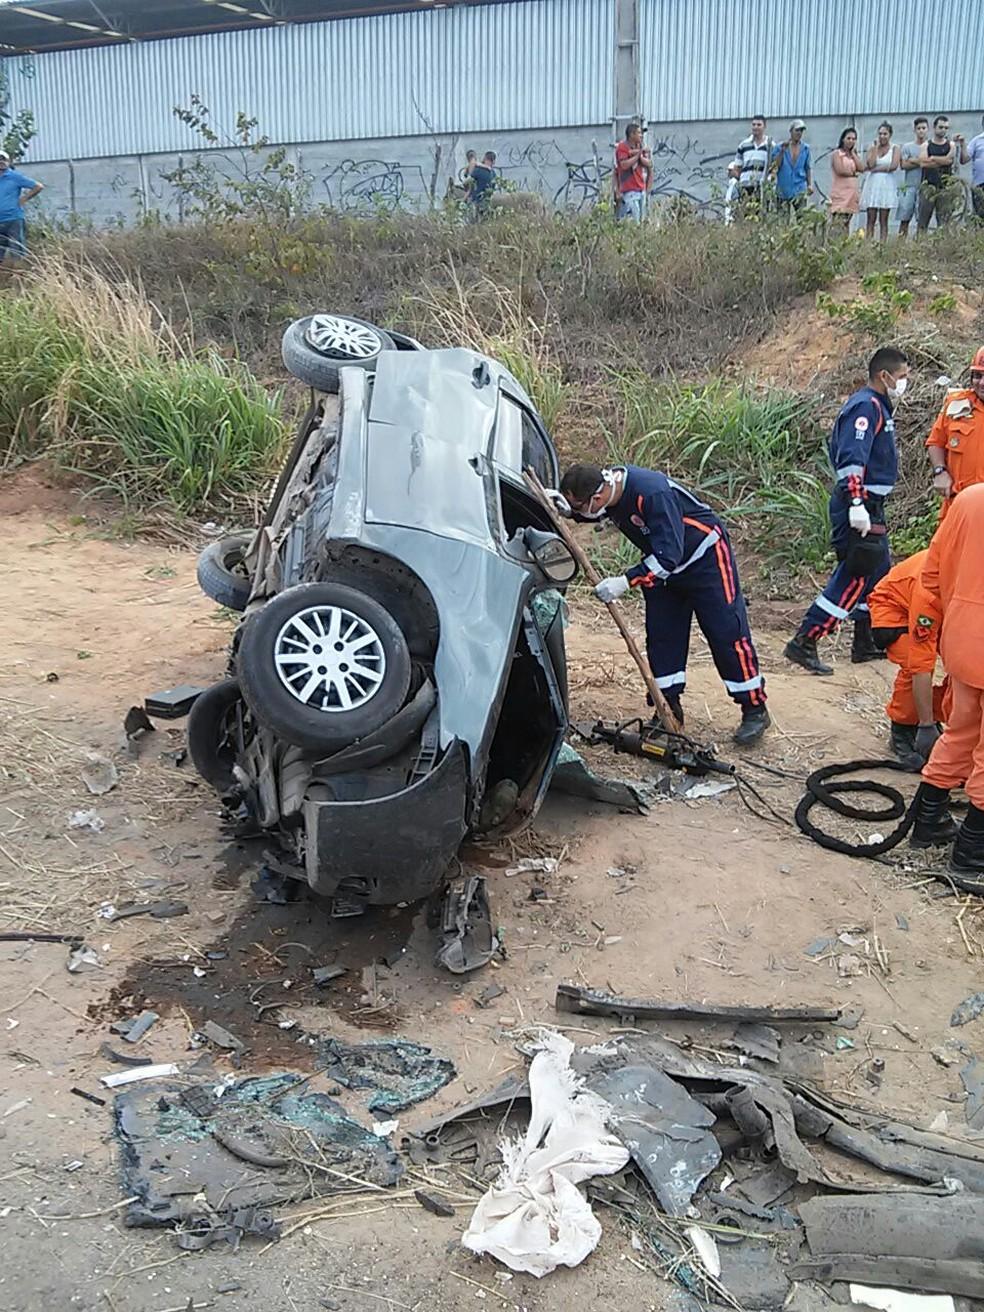 A motorista de um dos carros ficou presa nas ferragens e morreu no local (Foto: PRF/Divulgação)